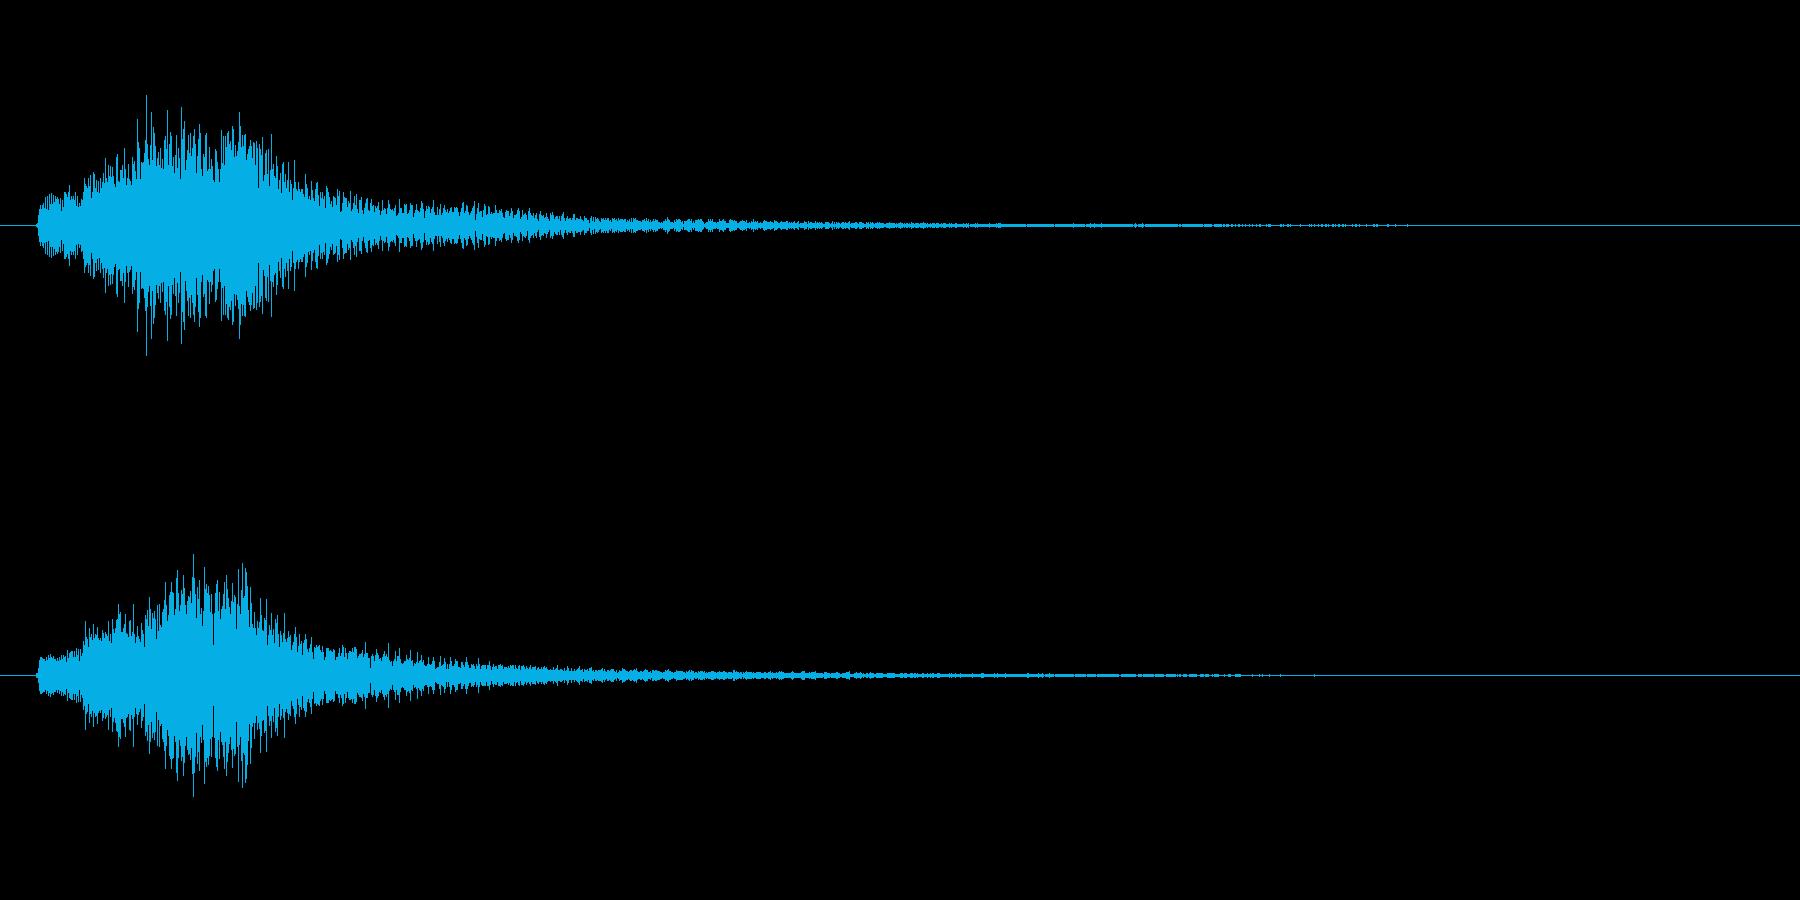 琴、平調子、上昇スケールジングルの再生済みの波形